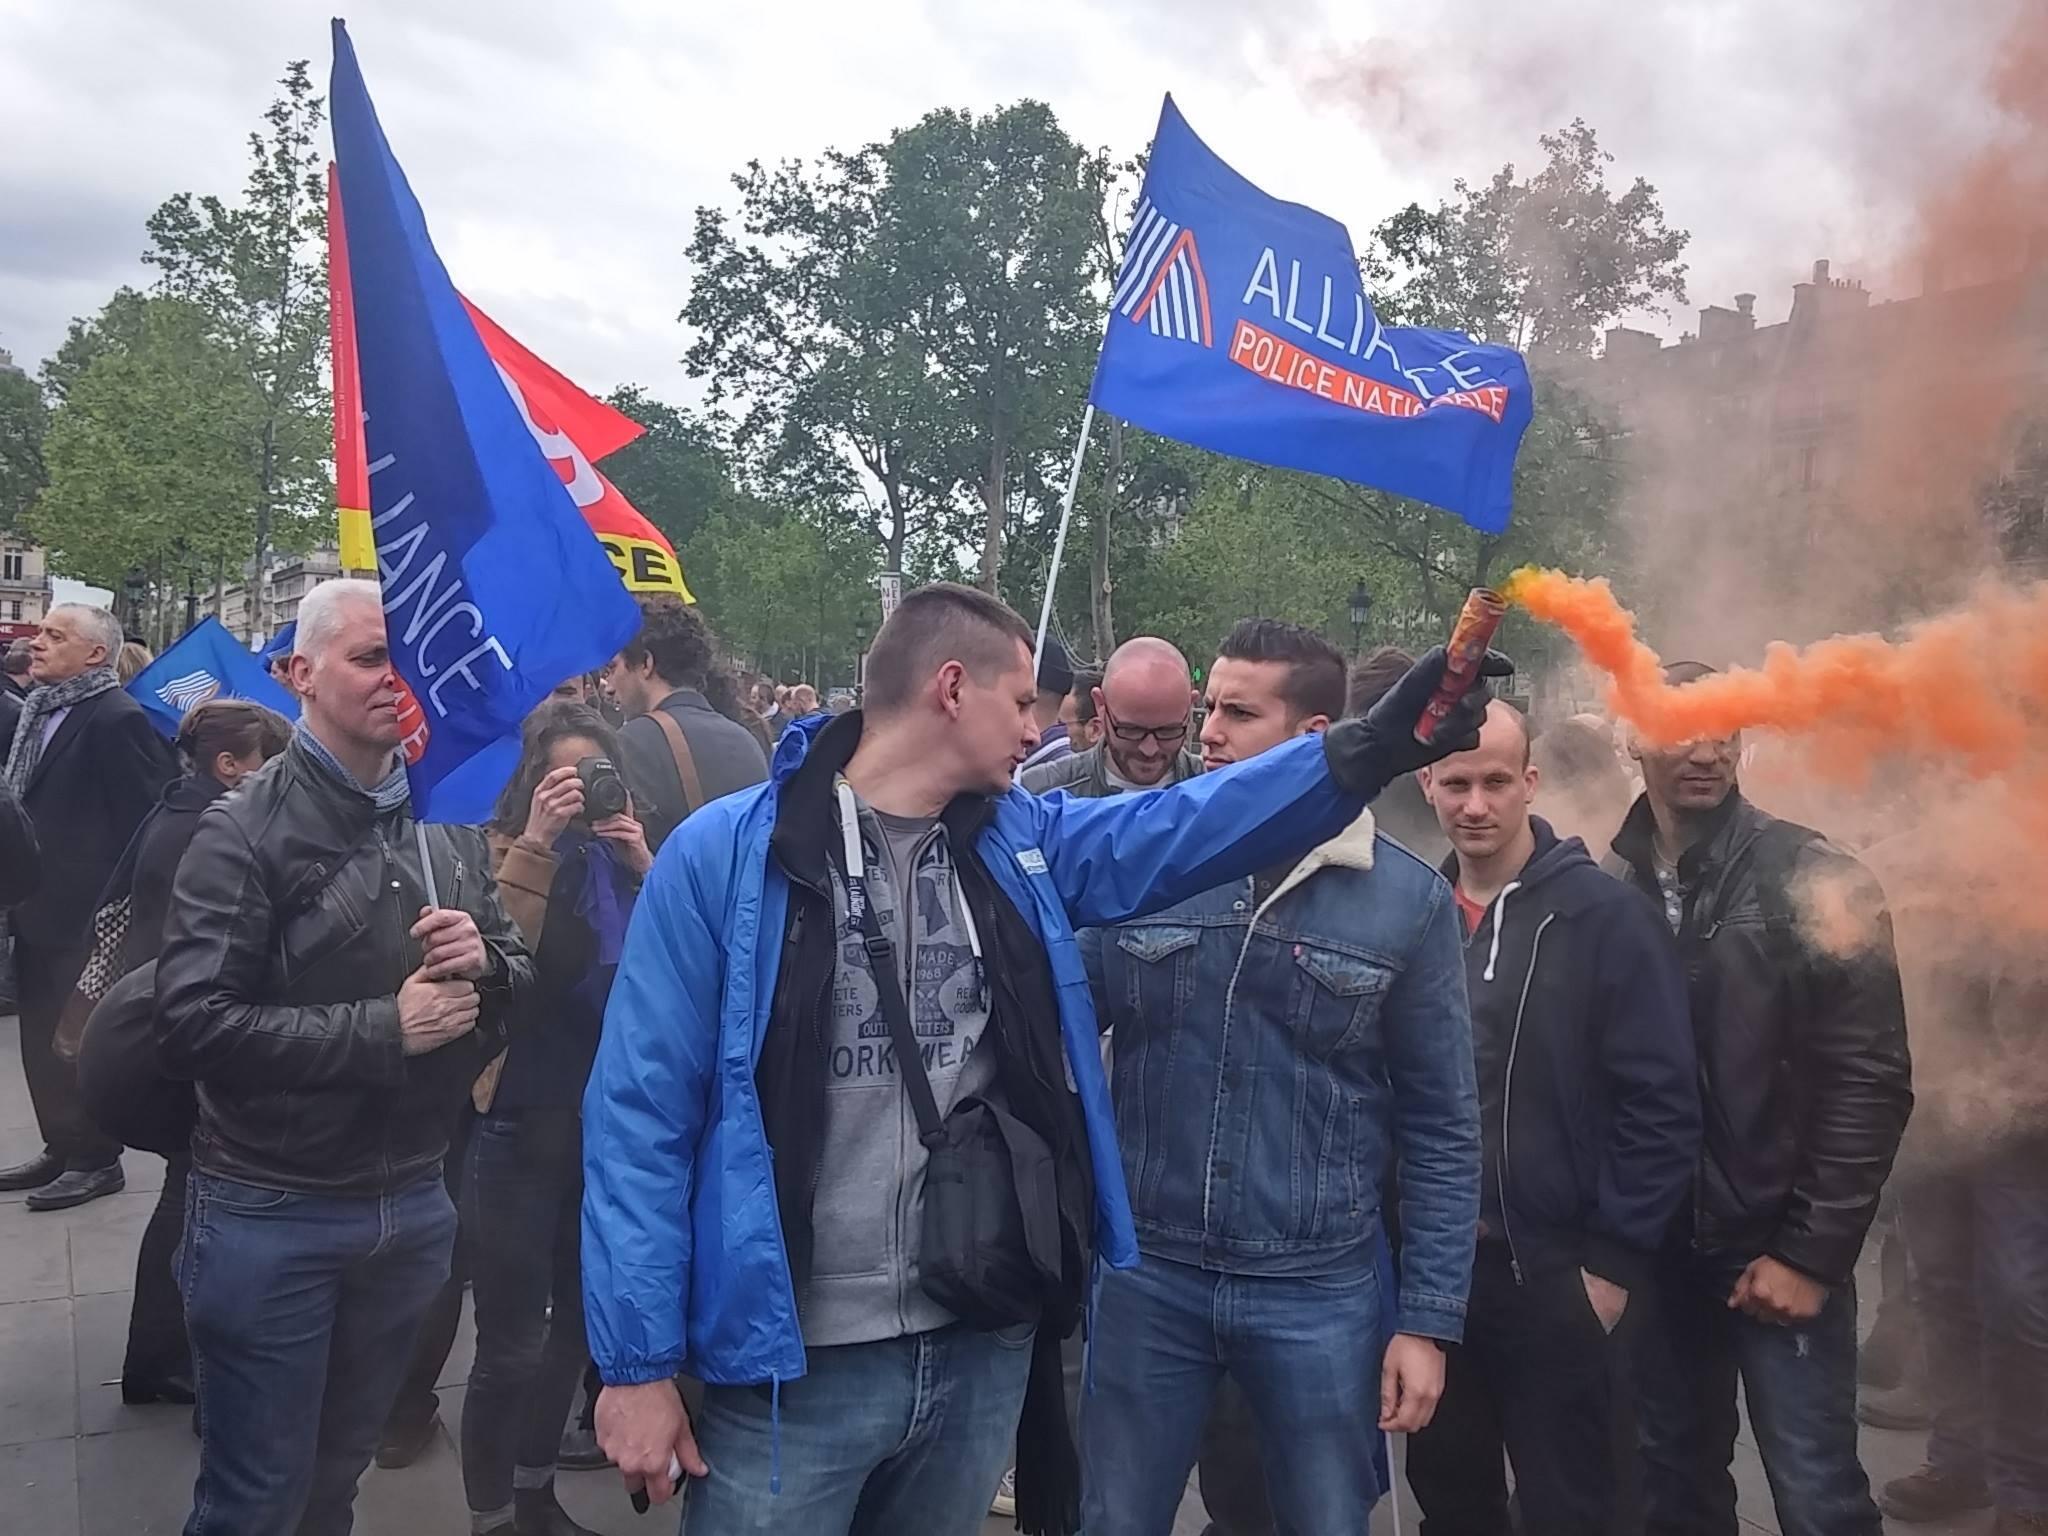 Полицейские из профсоюза Alliance на акции протеста на площади Республики в Париже, 18 мая 2016 года